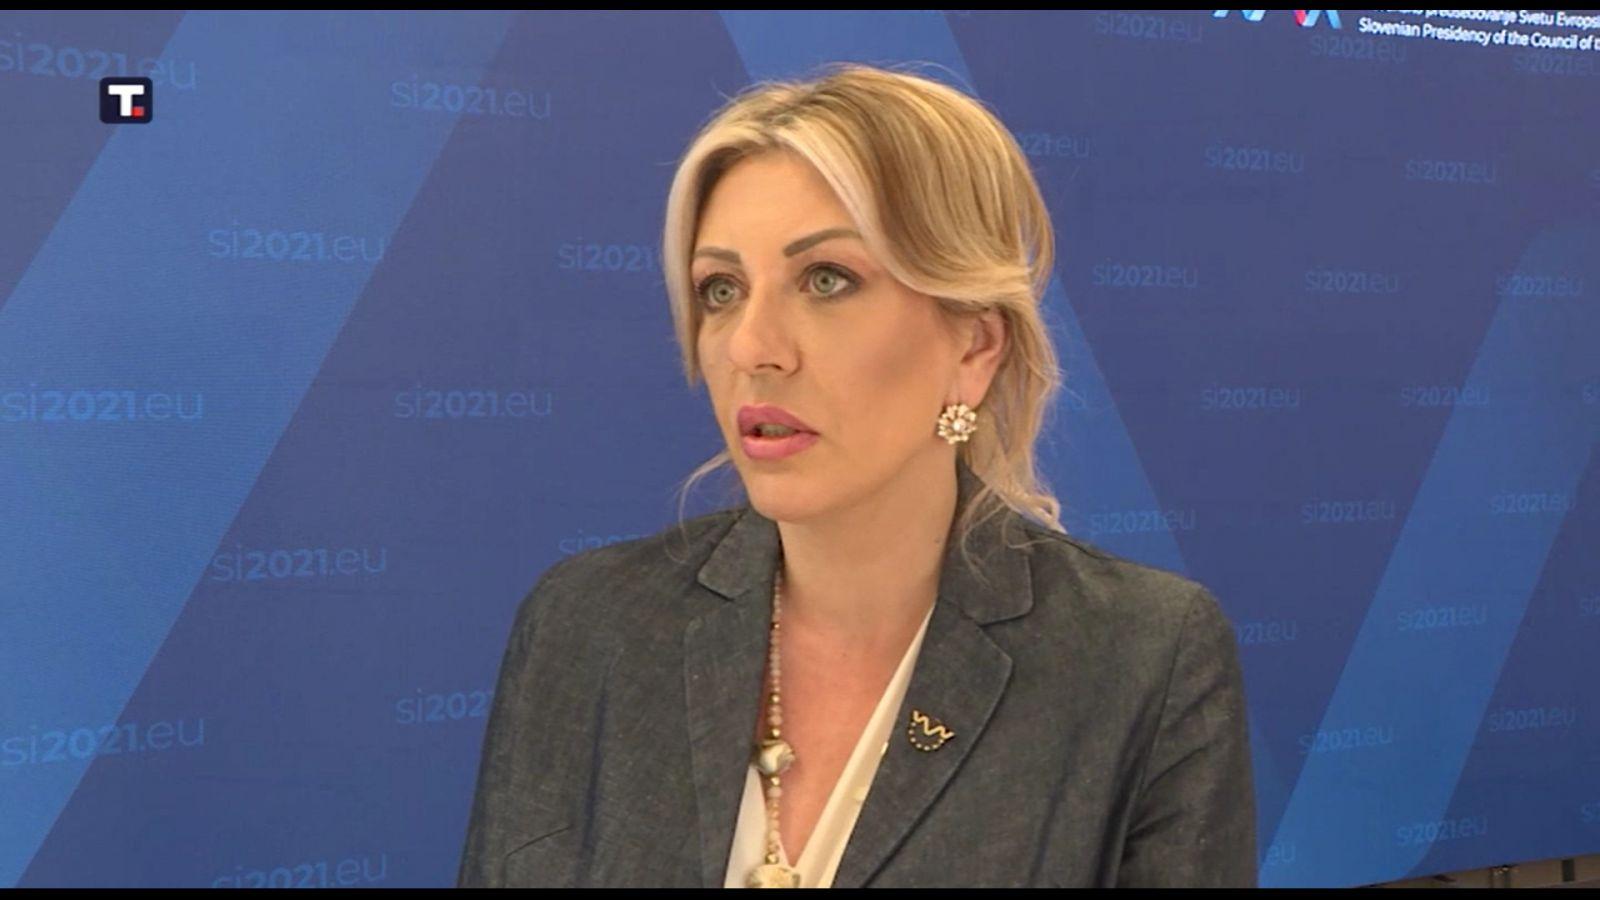 Ј. Јоксимовић: Регионалне иницијативе омогућавају стабилност